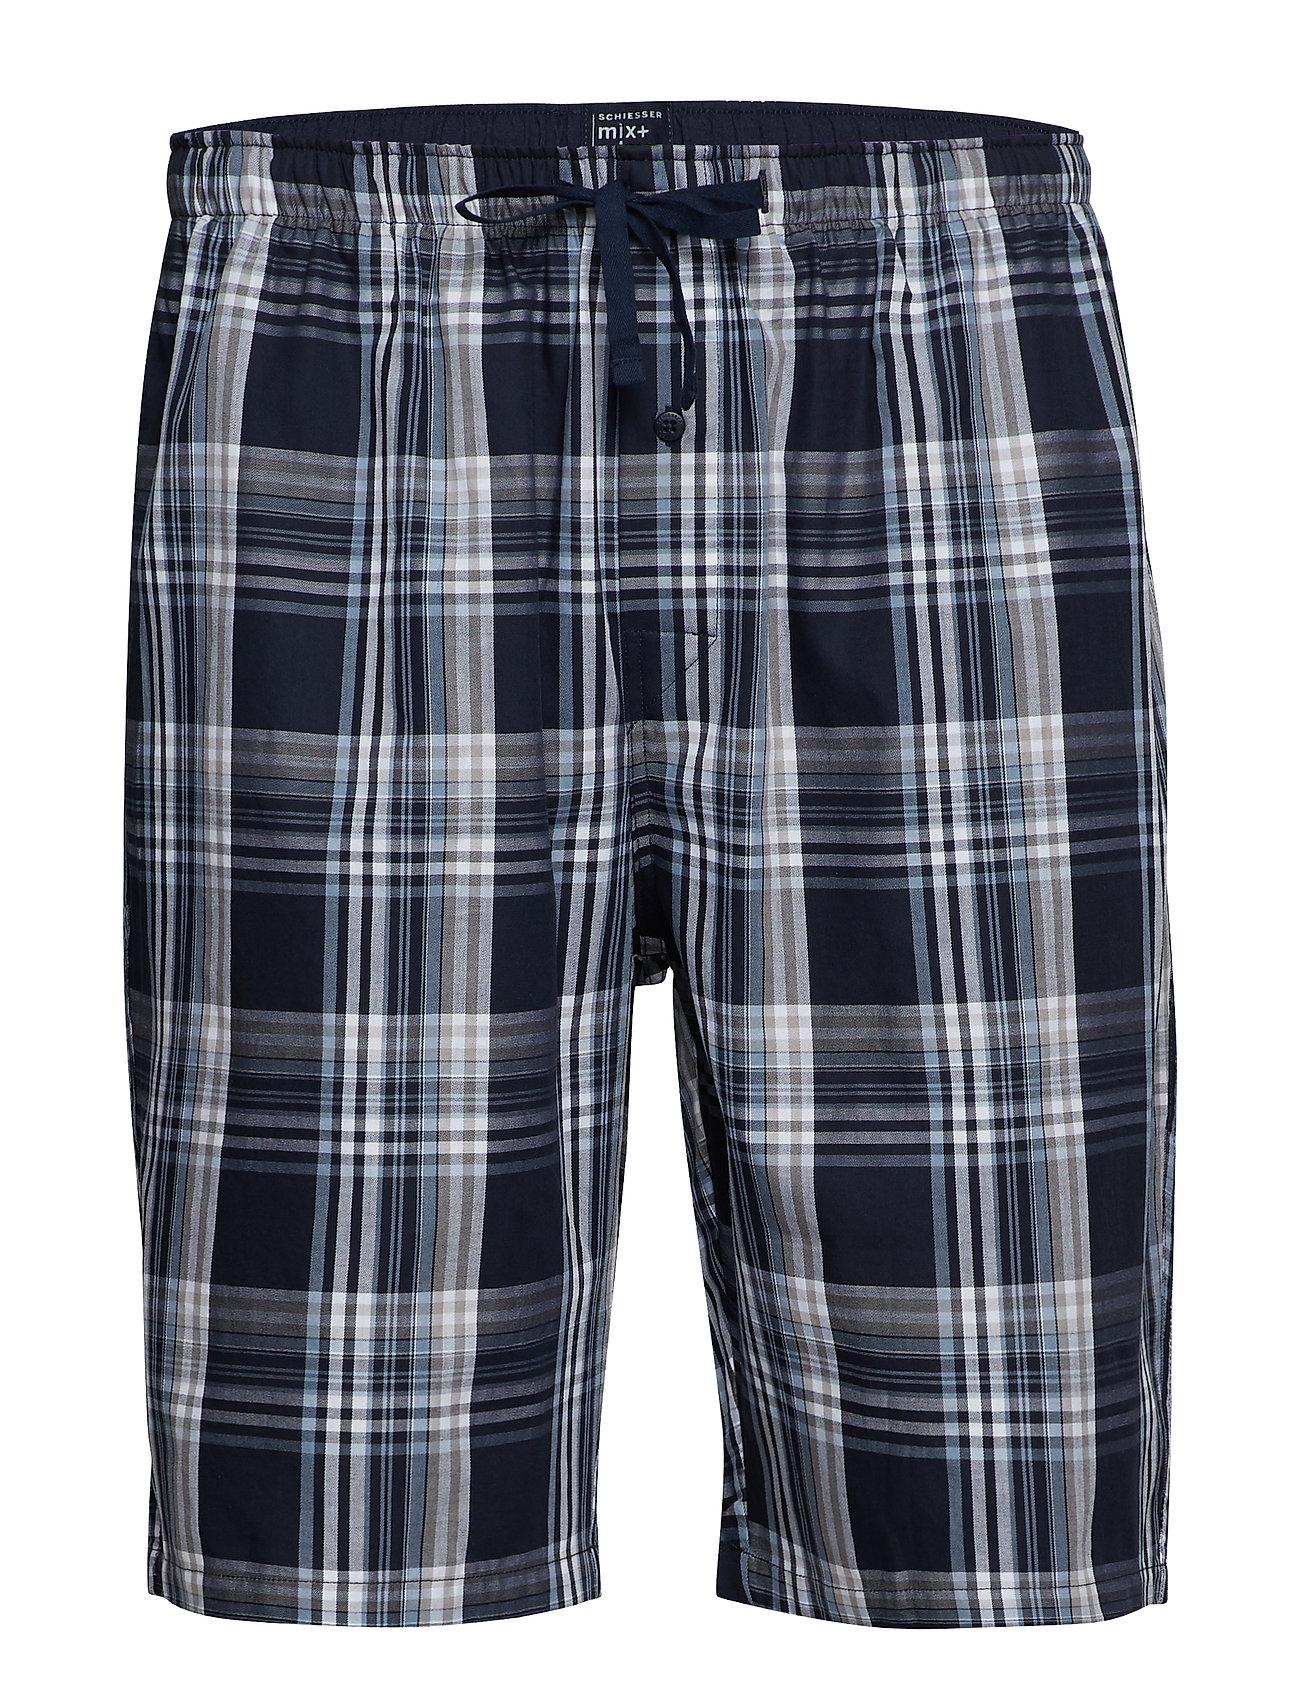 Image of Shorts (3136918123)